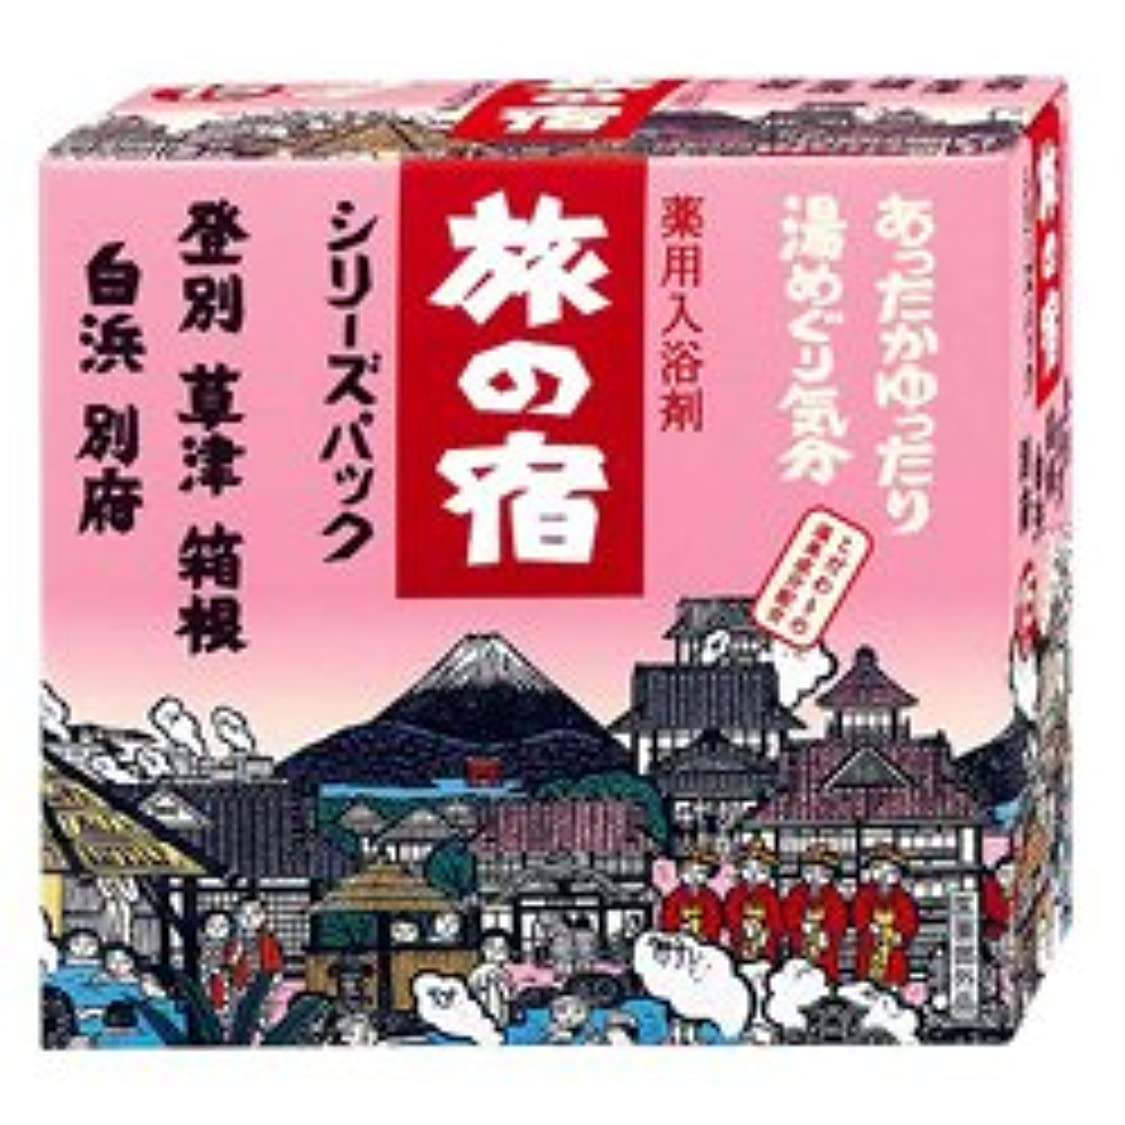 露辛な信頼性【クラシエ】旅の宿 とうめい湯シリーズパック 15H ×20個セット